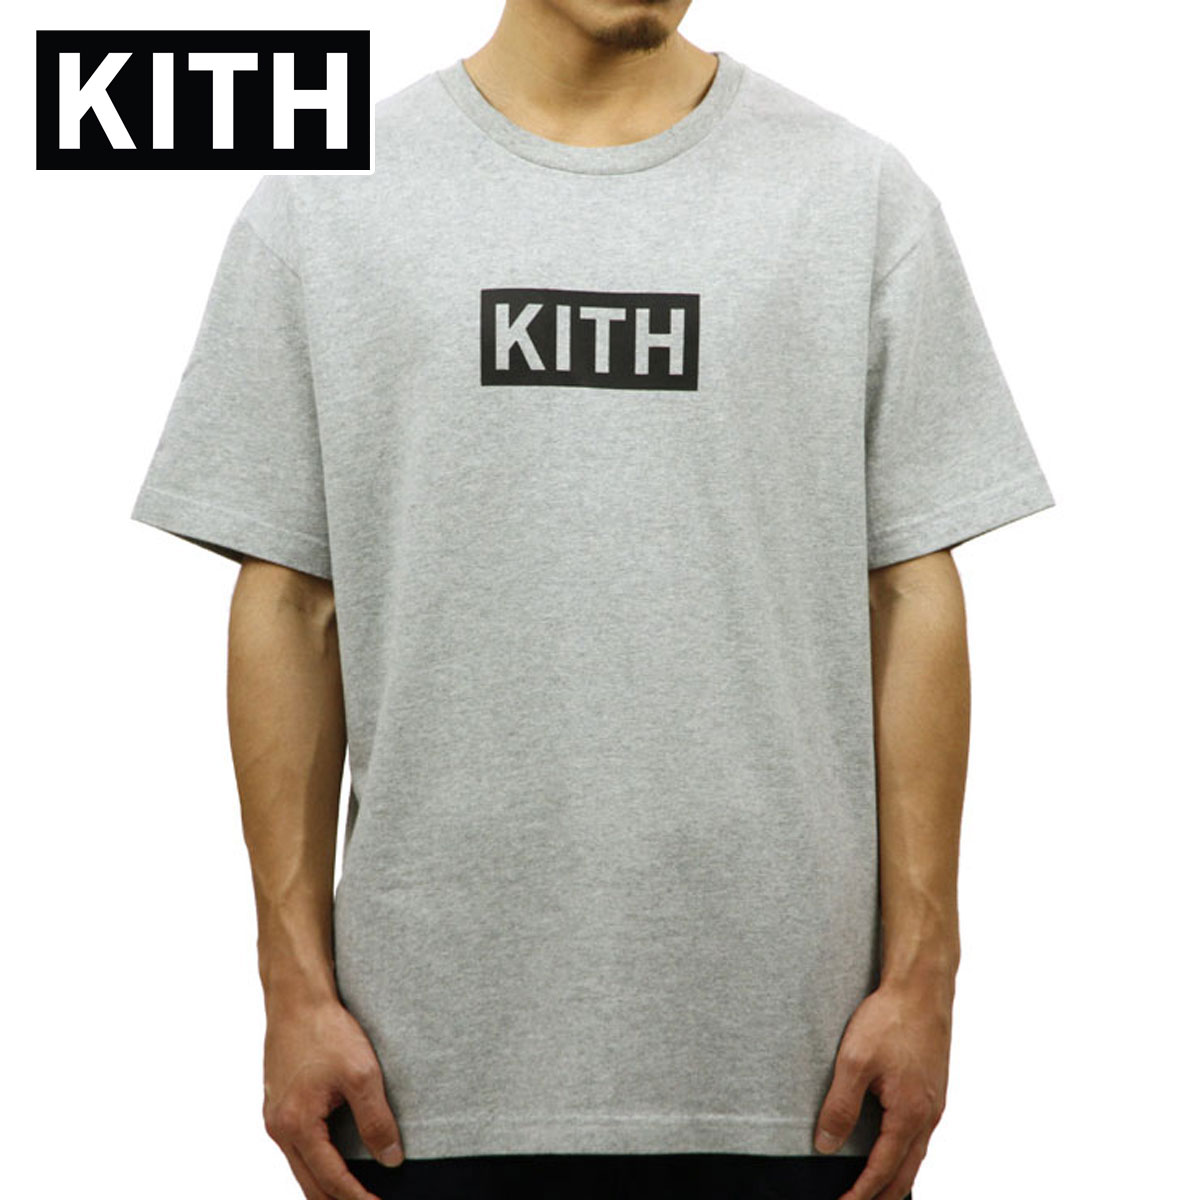 キス KITH 正規品 メンズ 半袖Tシャツ KITH CLASSIC LOGO TEE KH3139-103 GREY